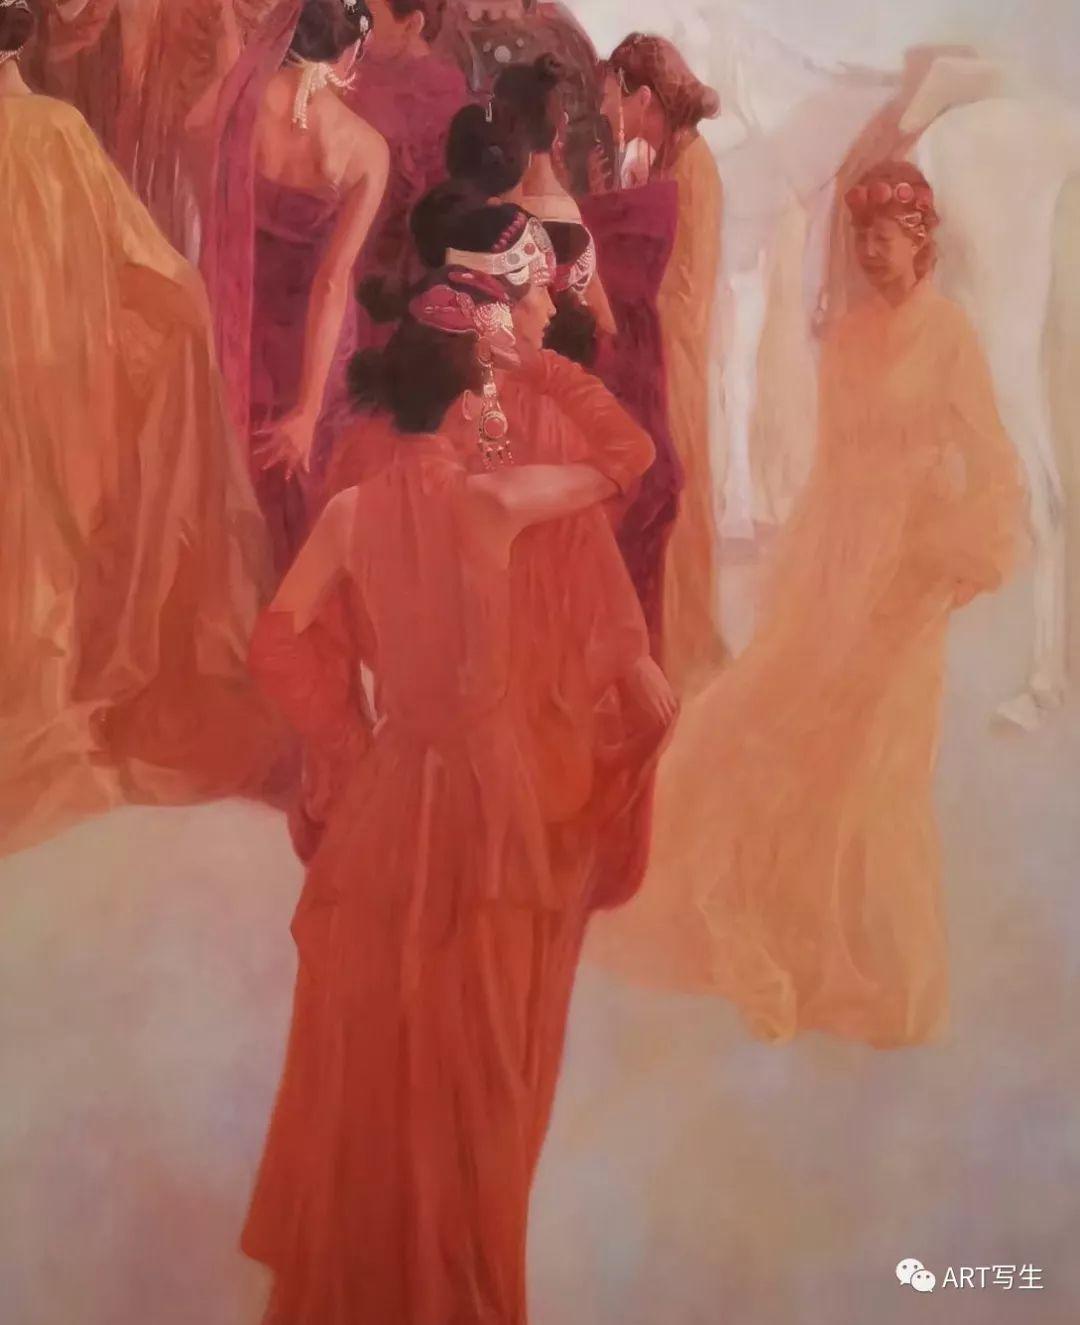 第十三届内蒙古自治区美术作品展览(油画作品) 第96张